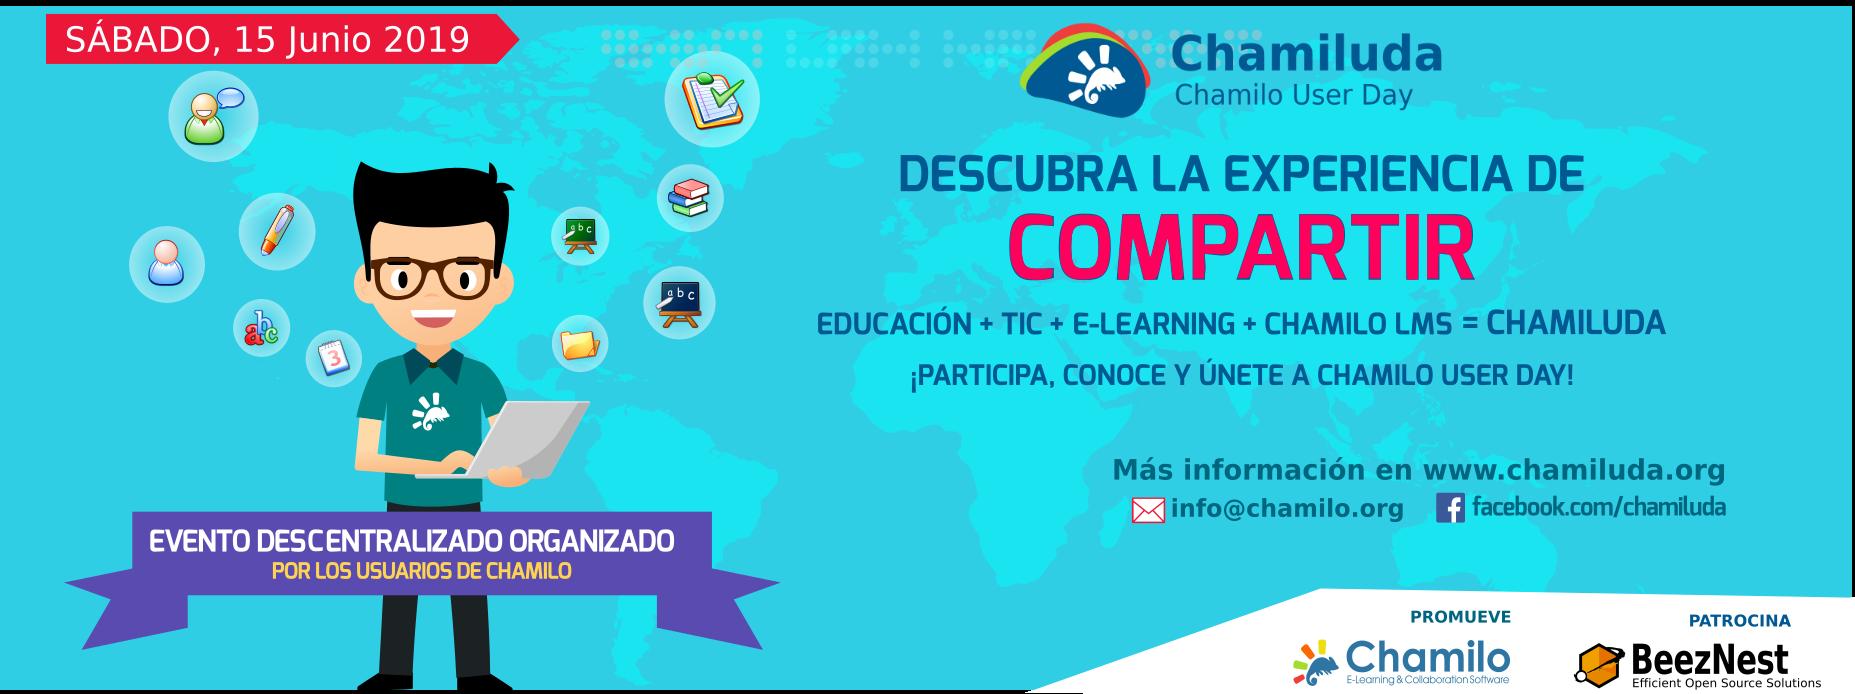 banner-chamiluda-2019-3